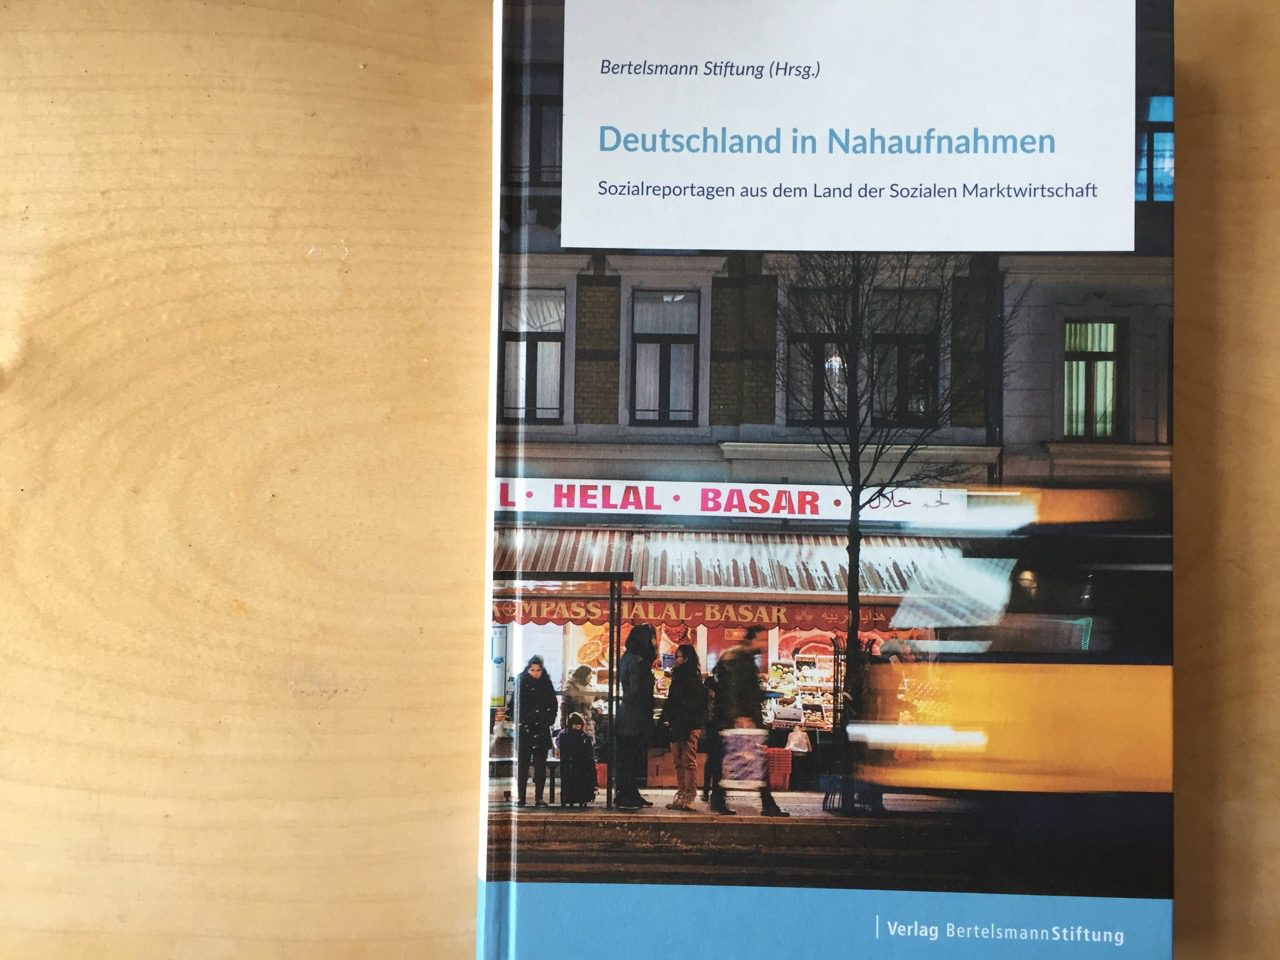 Deutschland in Nahaufnahmen Bertelsmann 01